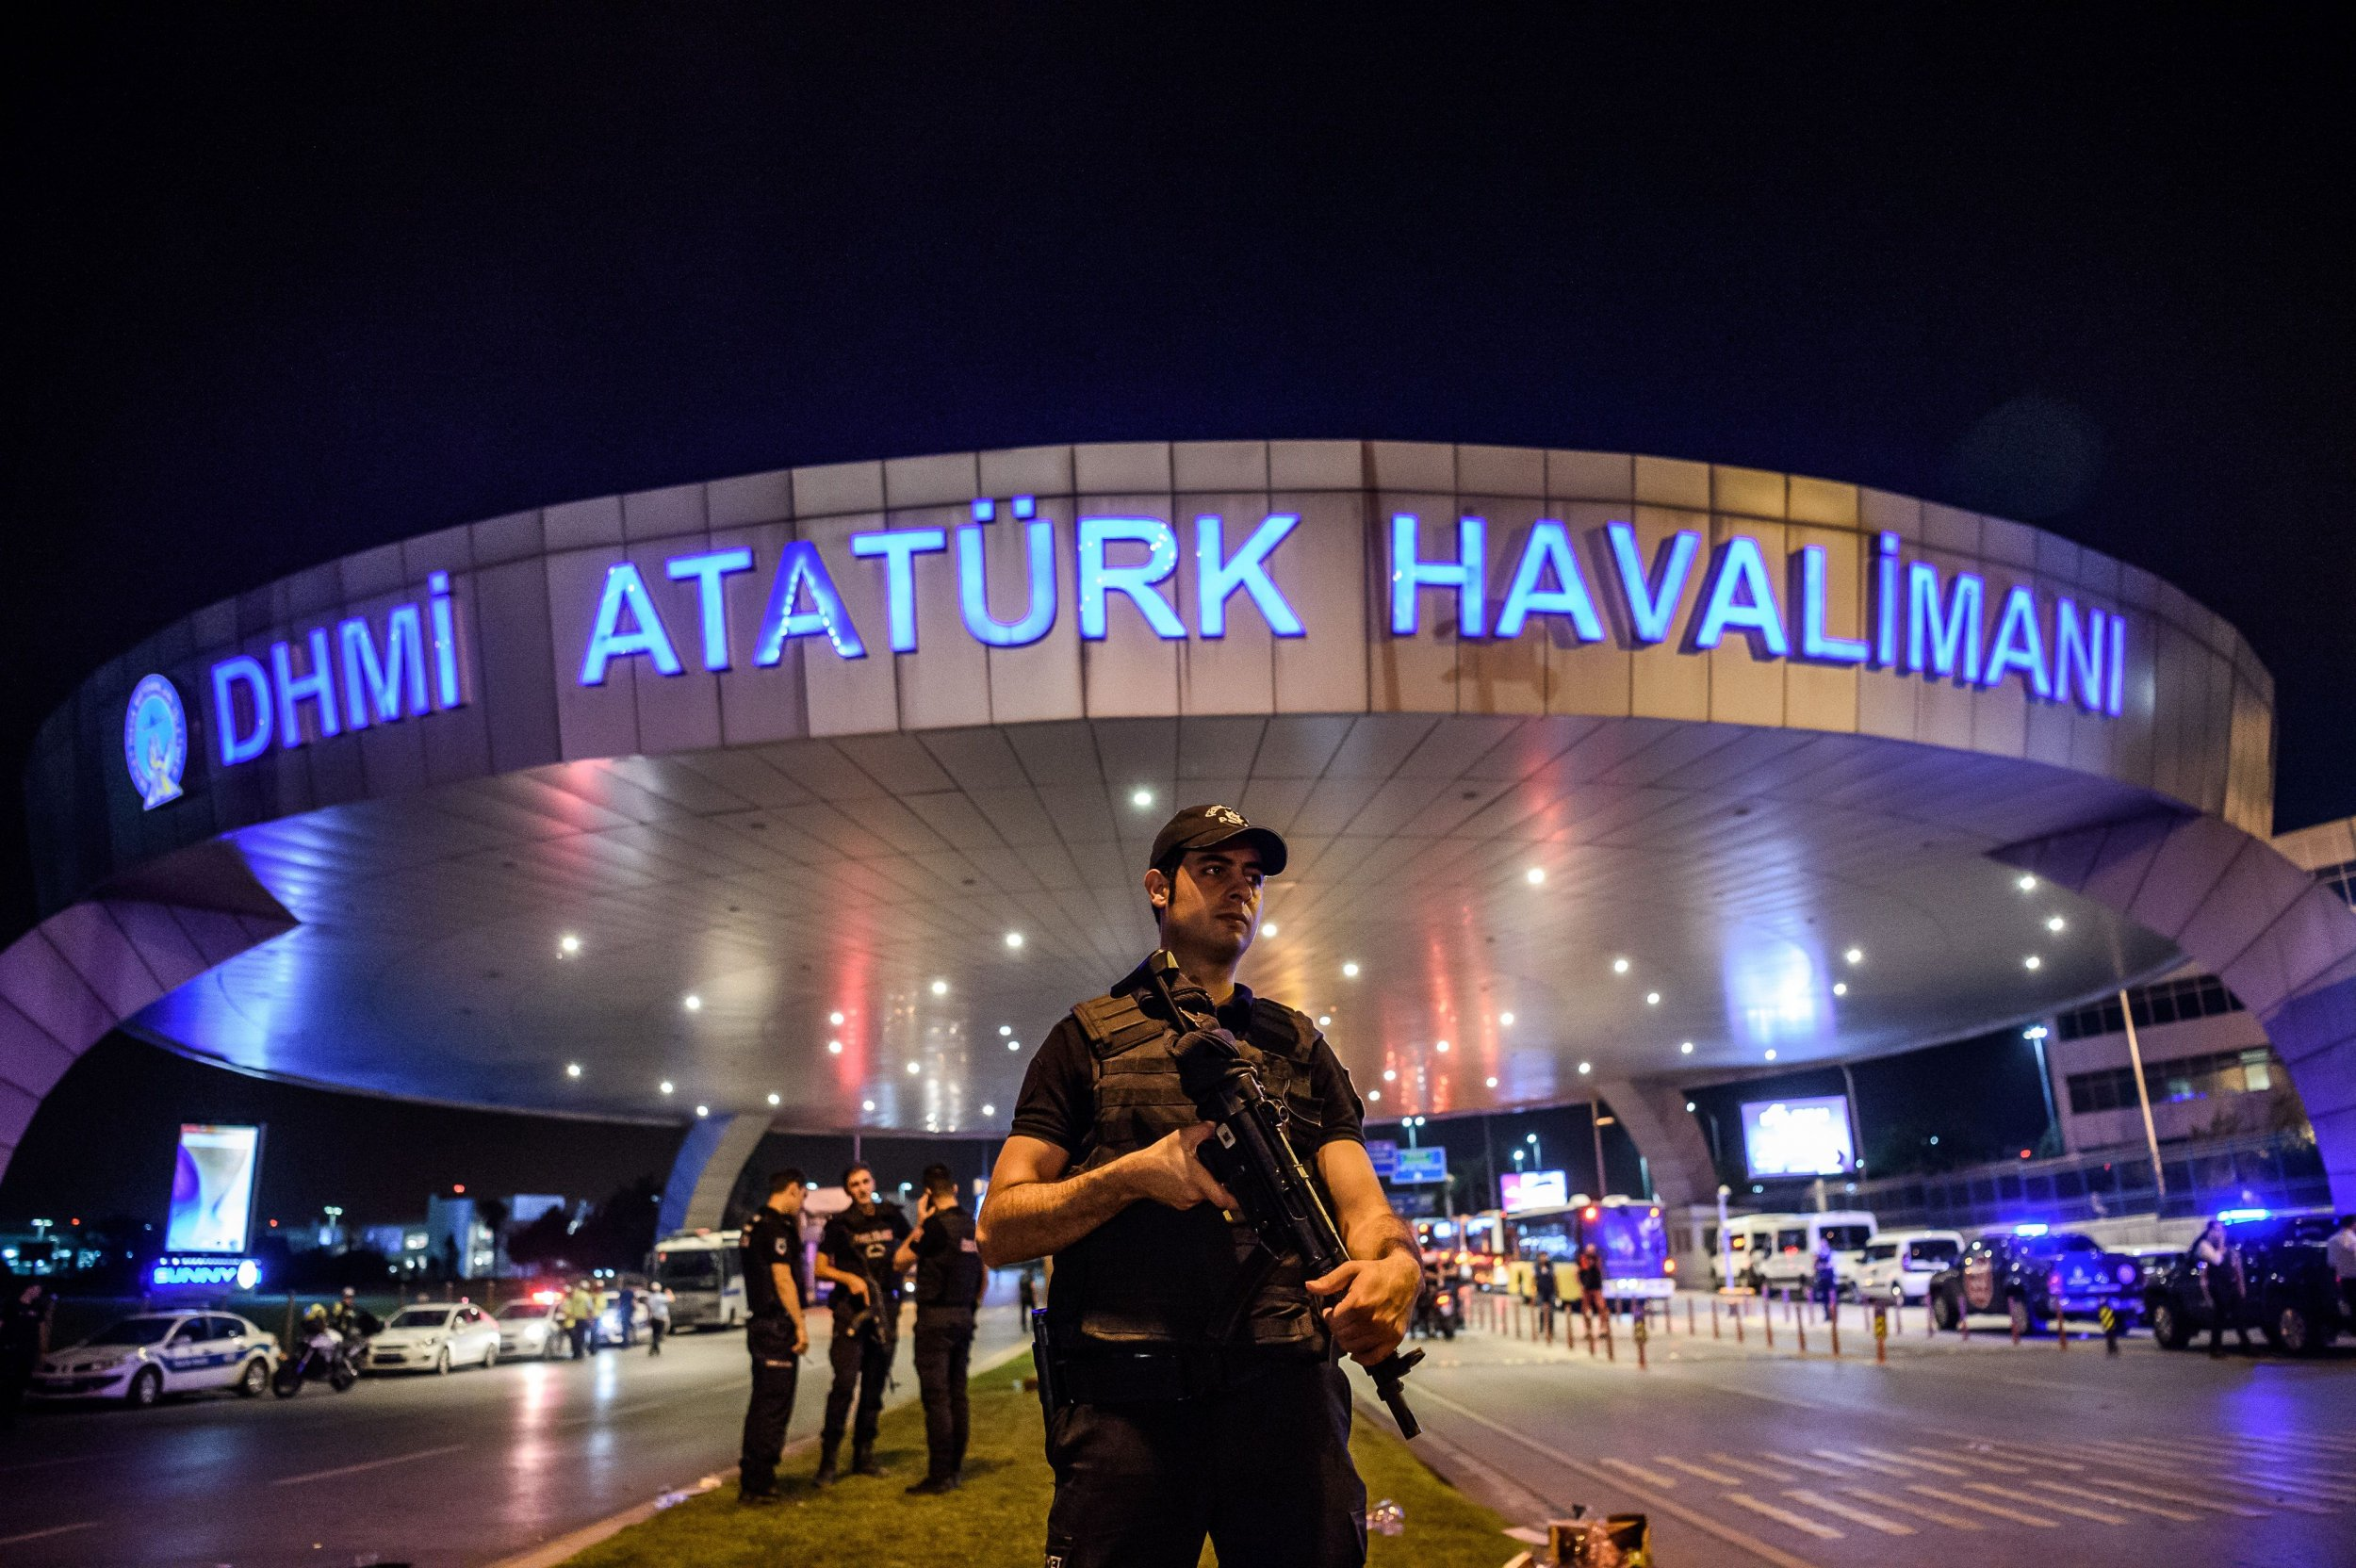 Istanbul's Ataturk Airport